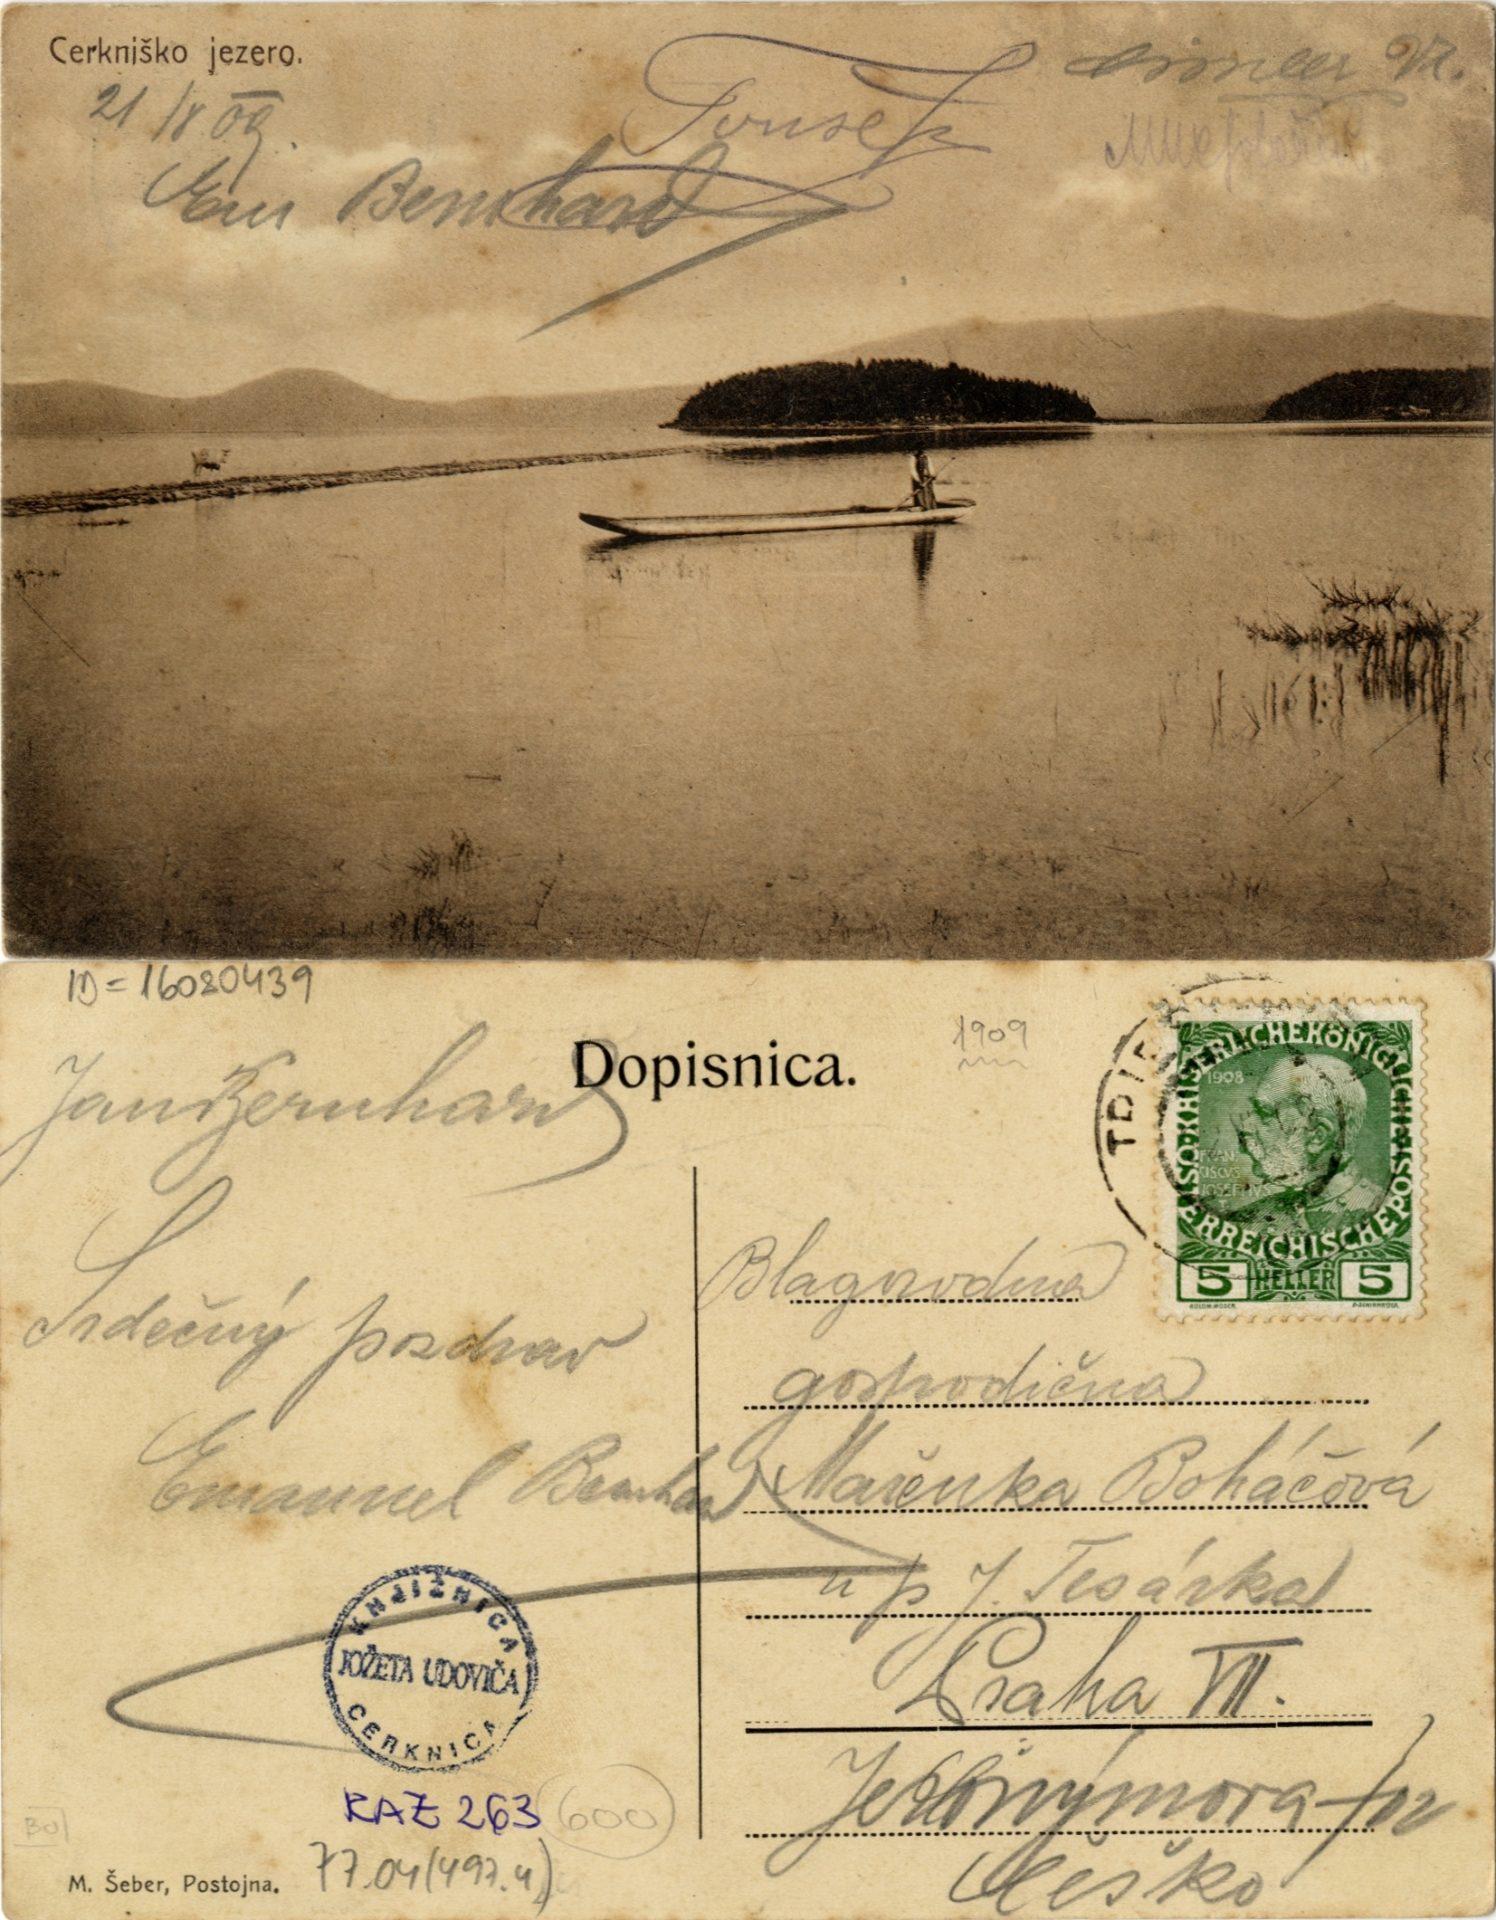 zlimano 17 - Cerkniško jezero